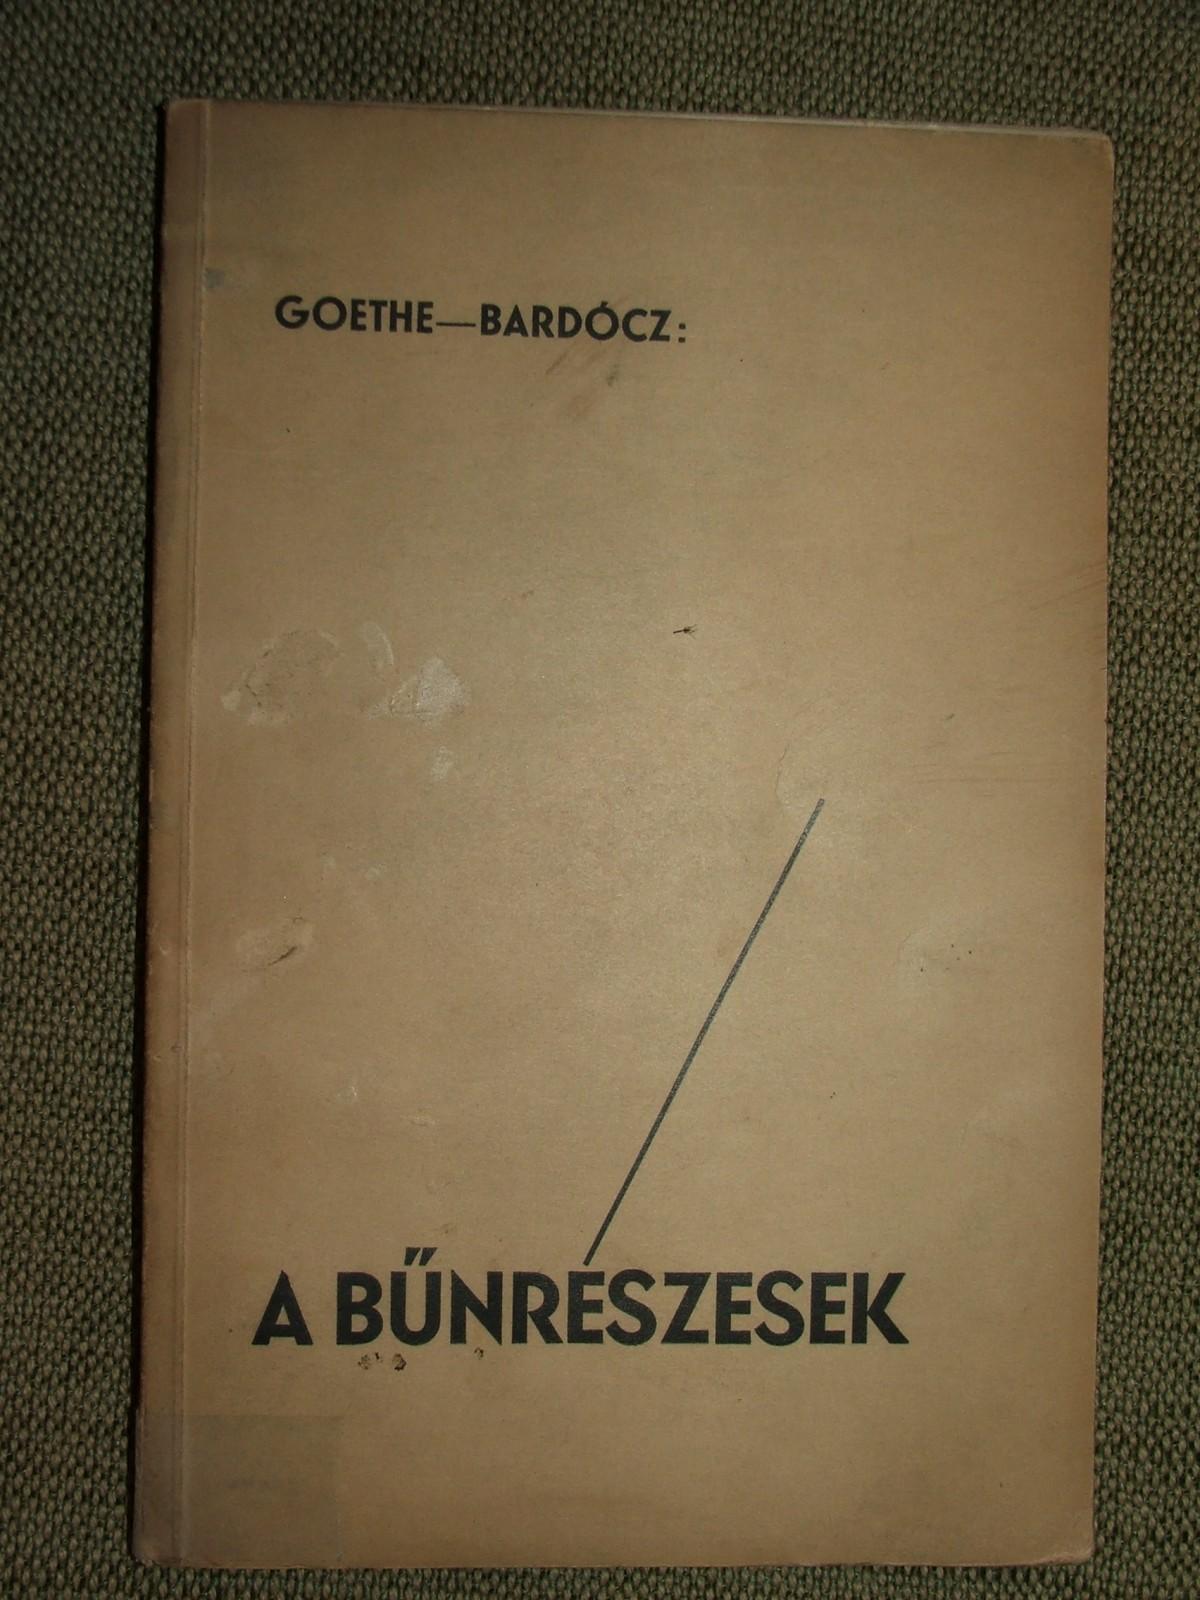 GOETHE, (Johann Wolfgang): A bűnrészesek